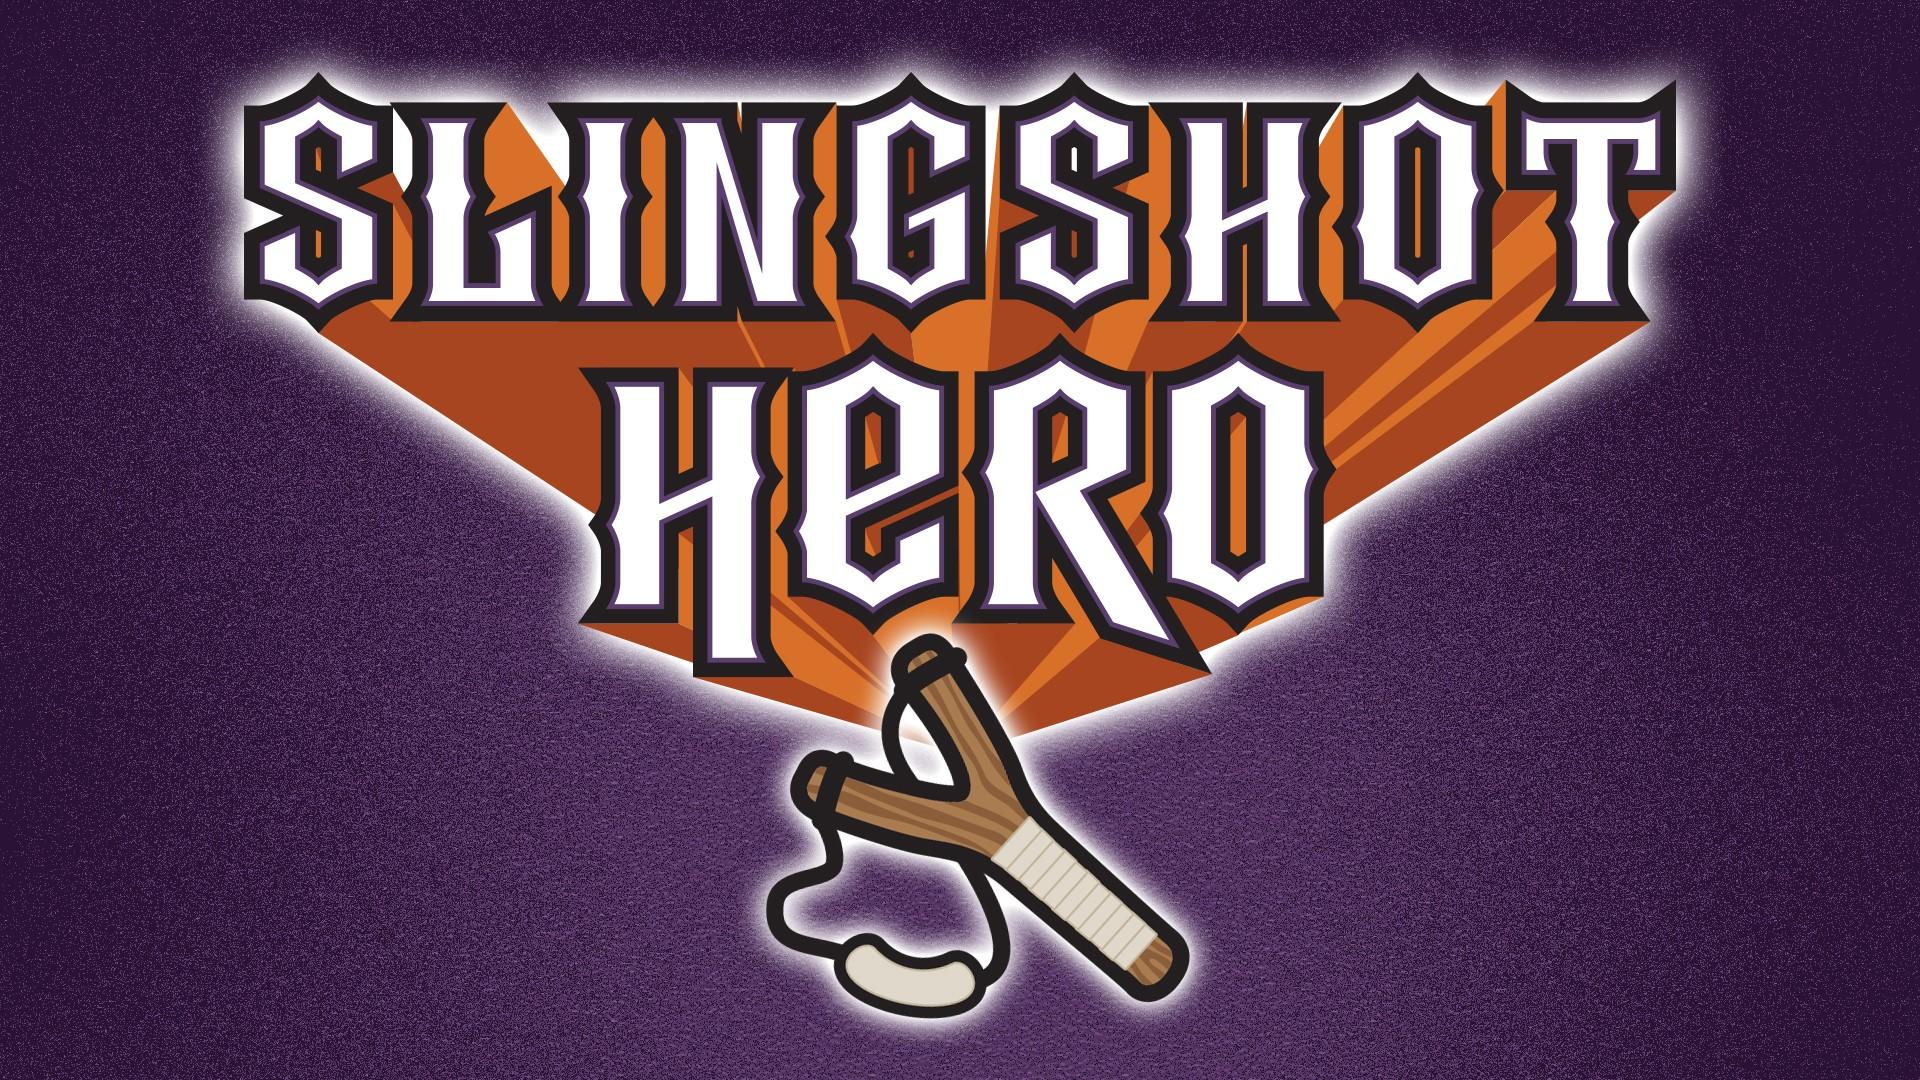 Slingshot Hero